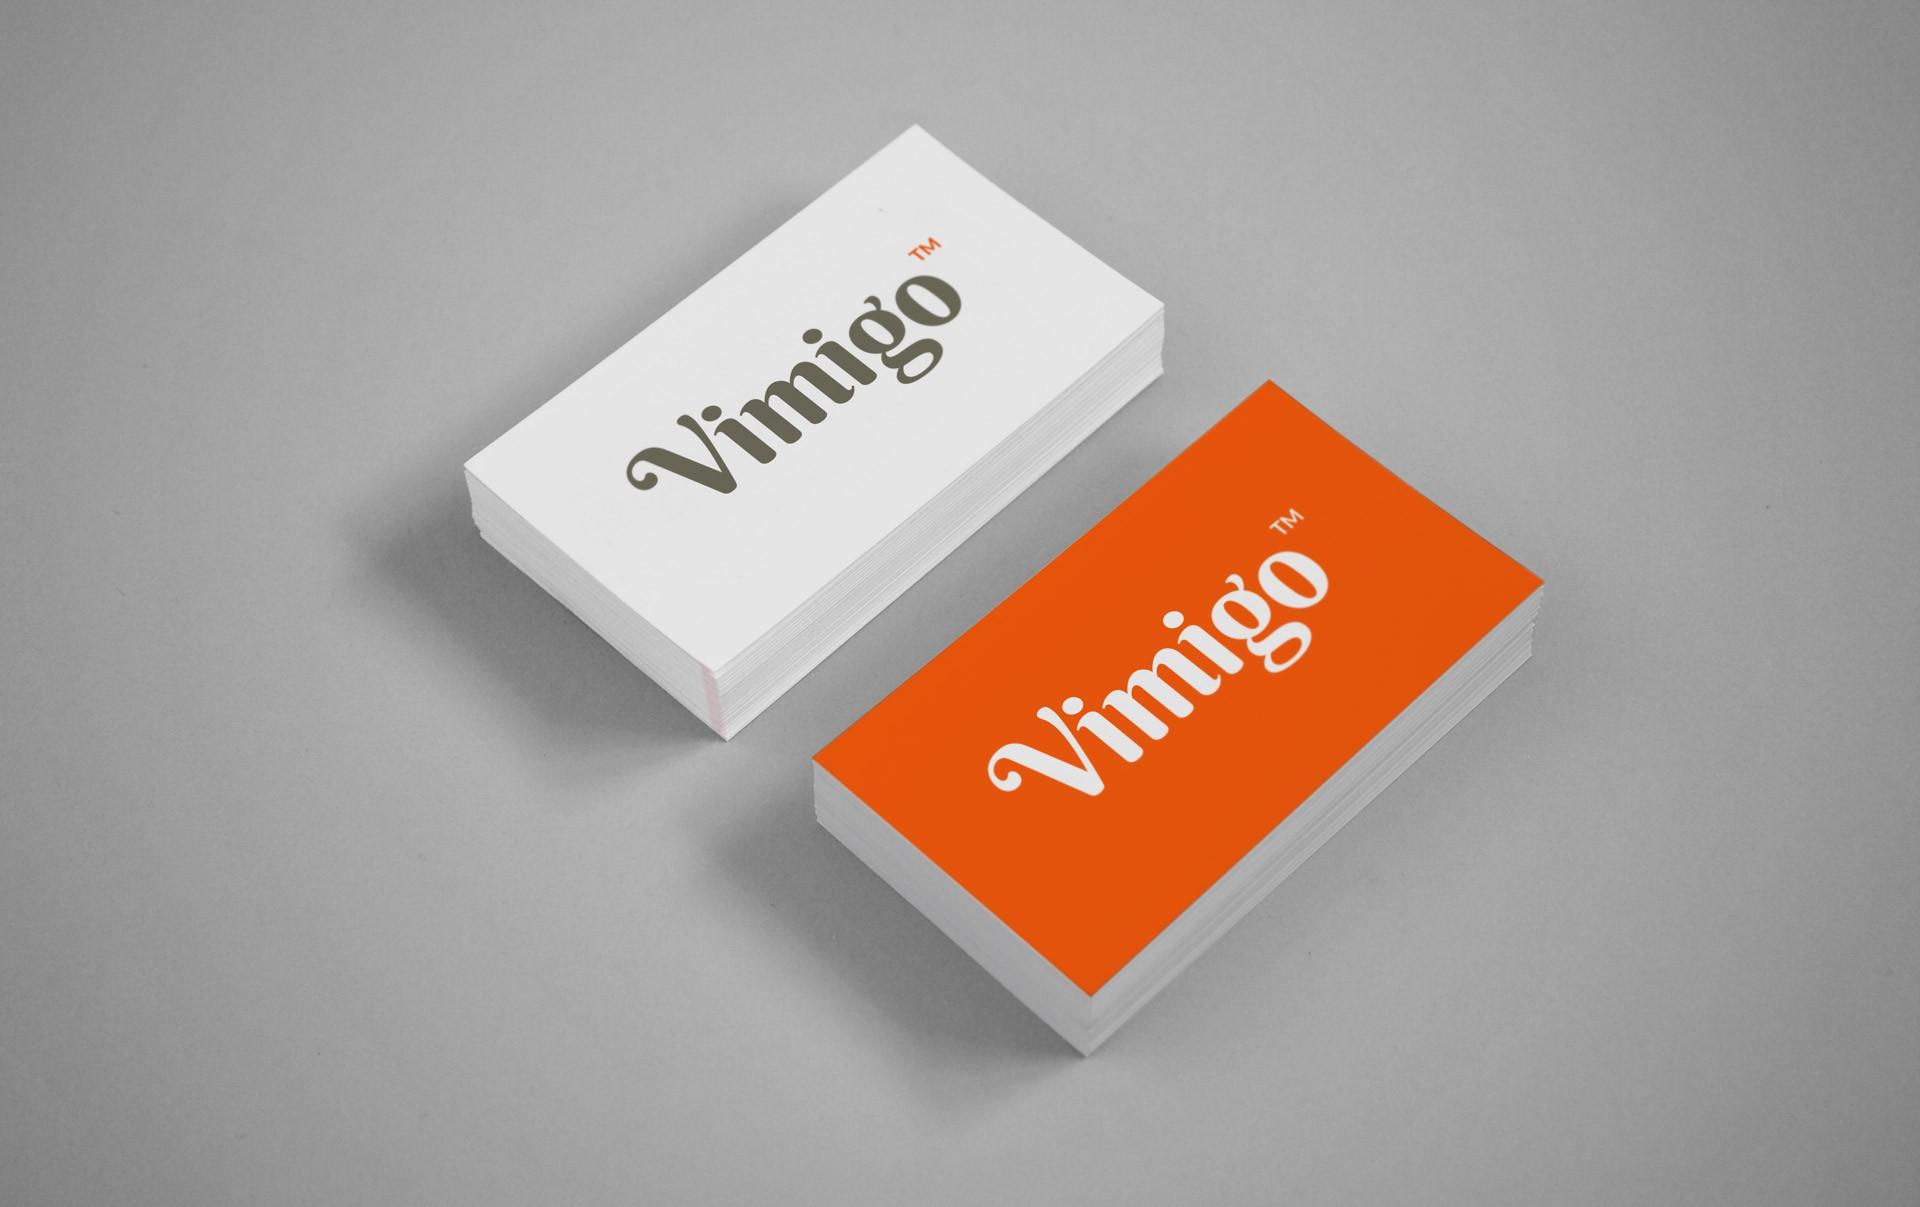 Création du logo Vimigo